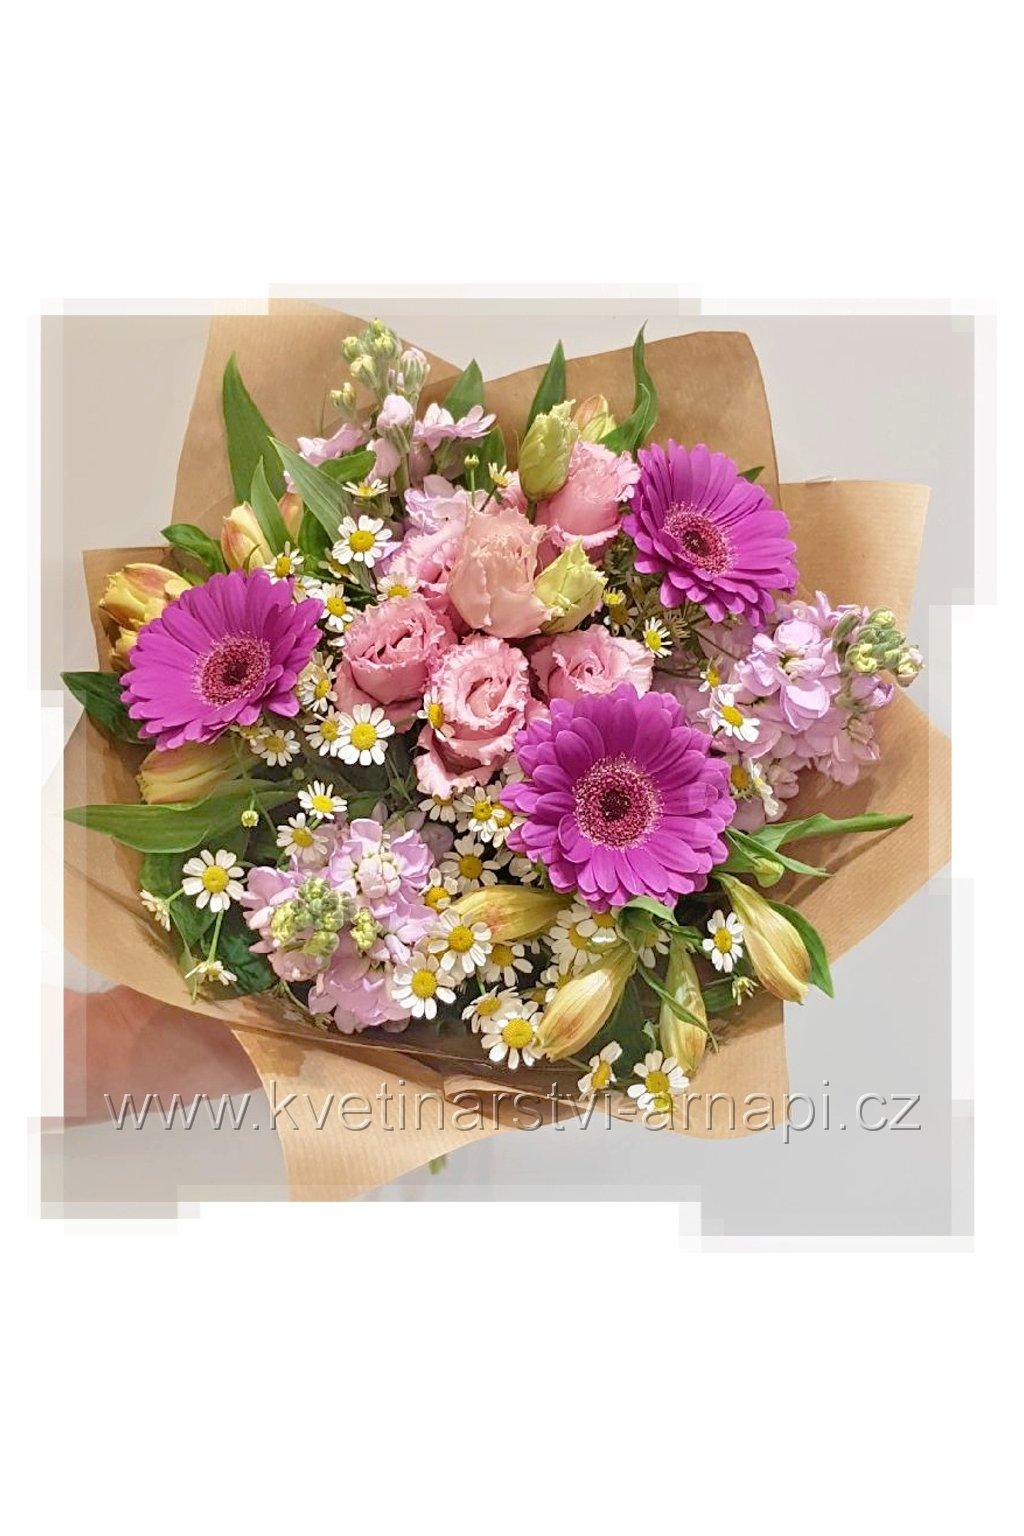 kytice lucni eshop rozvoz kvetiny kvetinarstvi arnapi